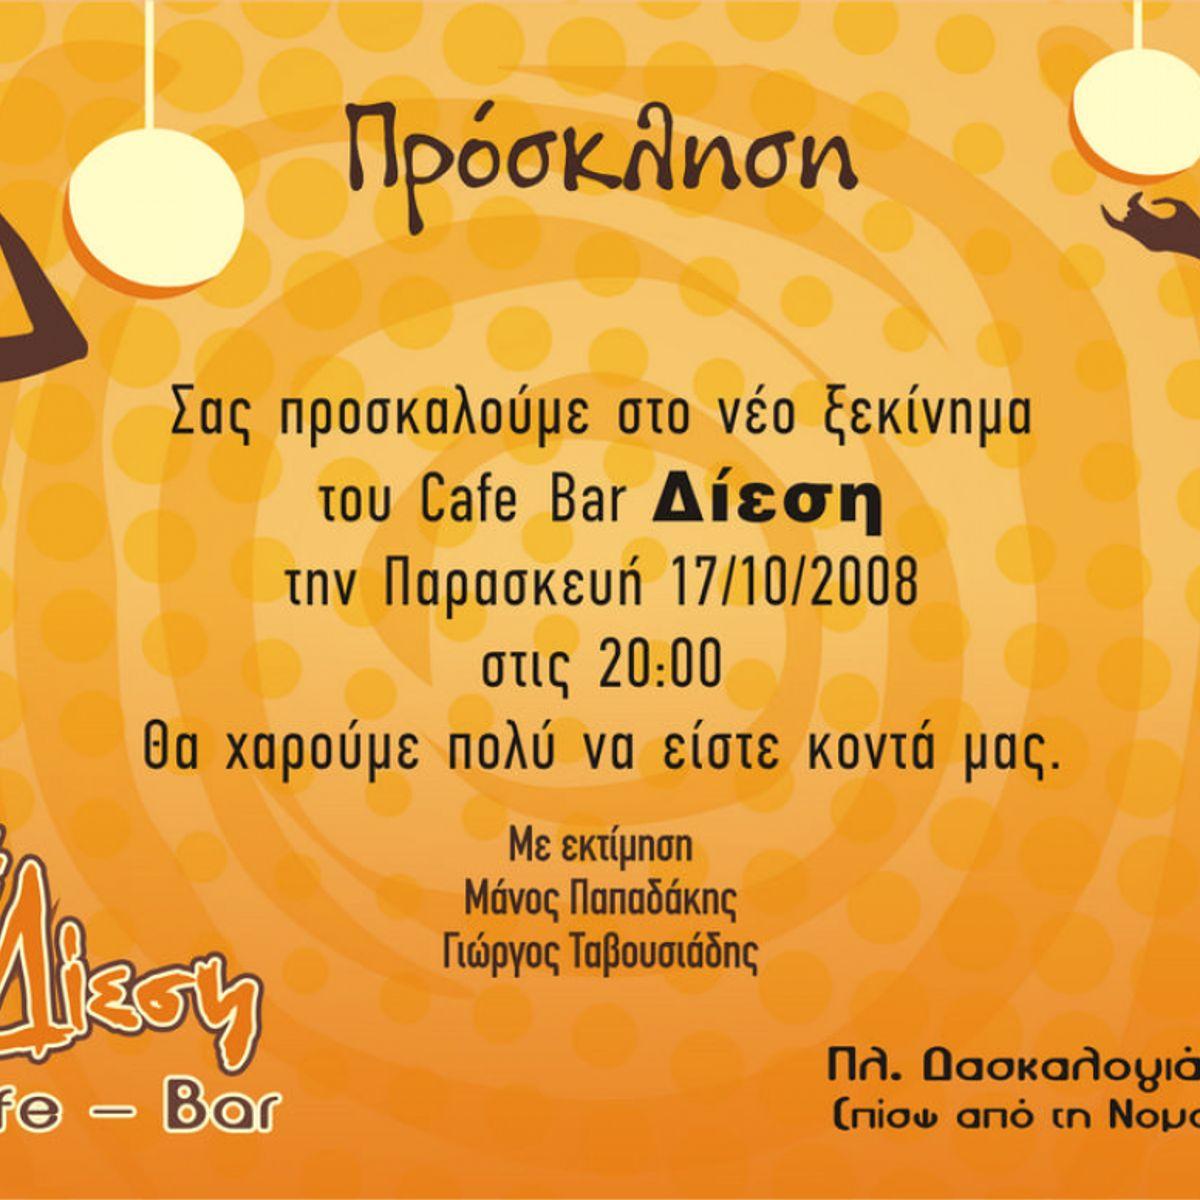 Προσκλήσεις - inv3587